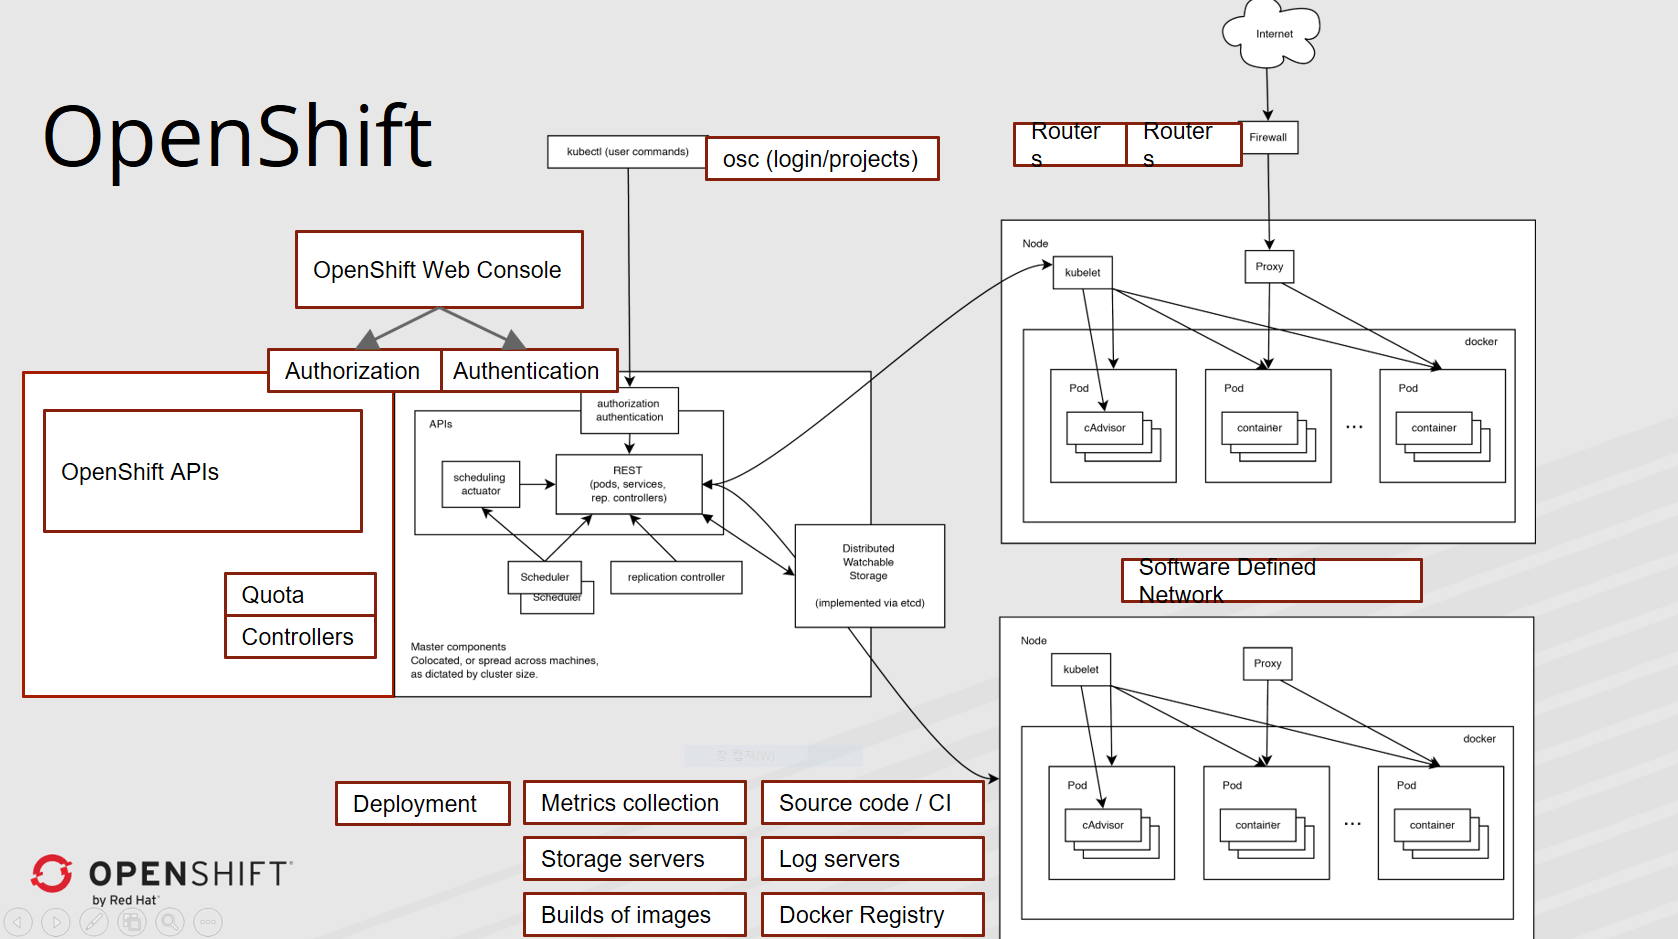 openshift_v3.x_architecture